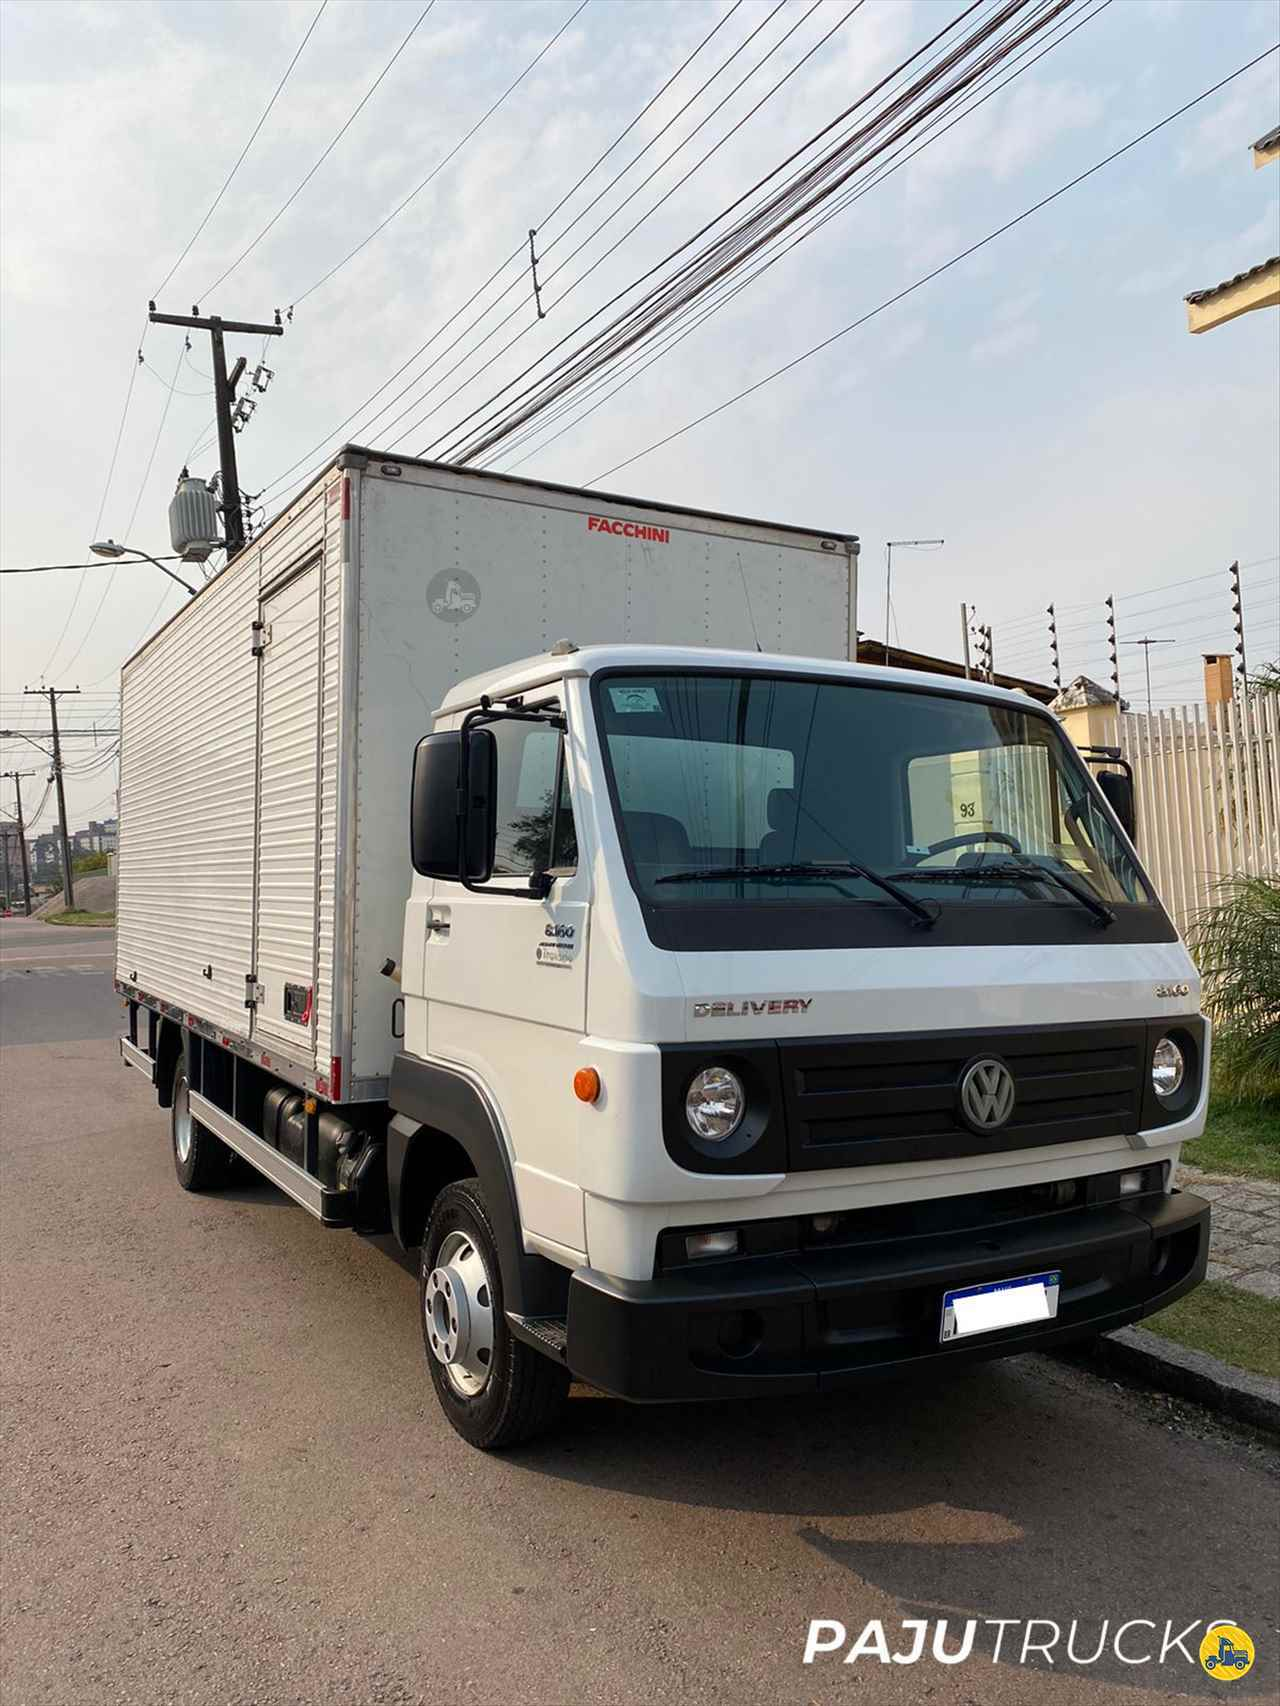 CAMINHAO VOLKSWAGEN VW 8160 Baú Furgão 3/4 4x2 Paju Trucks CURITIBA PARANÁ PR